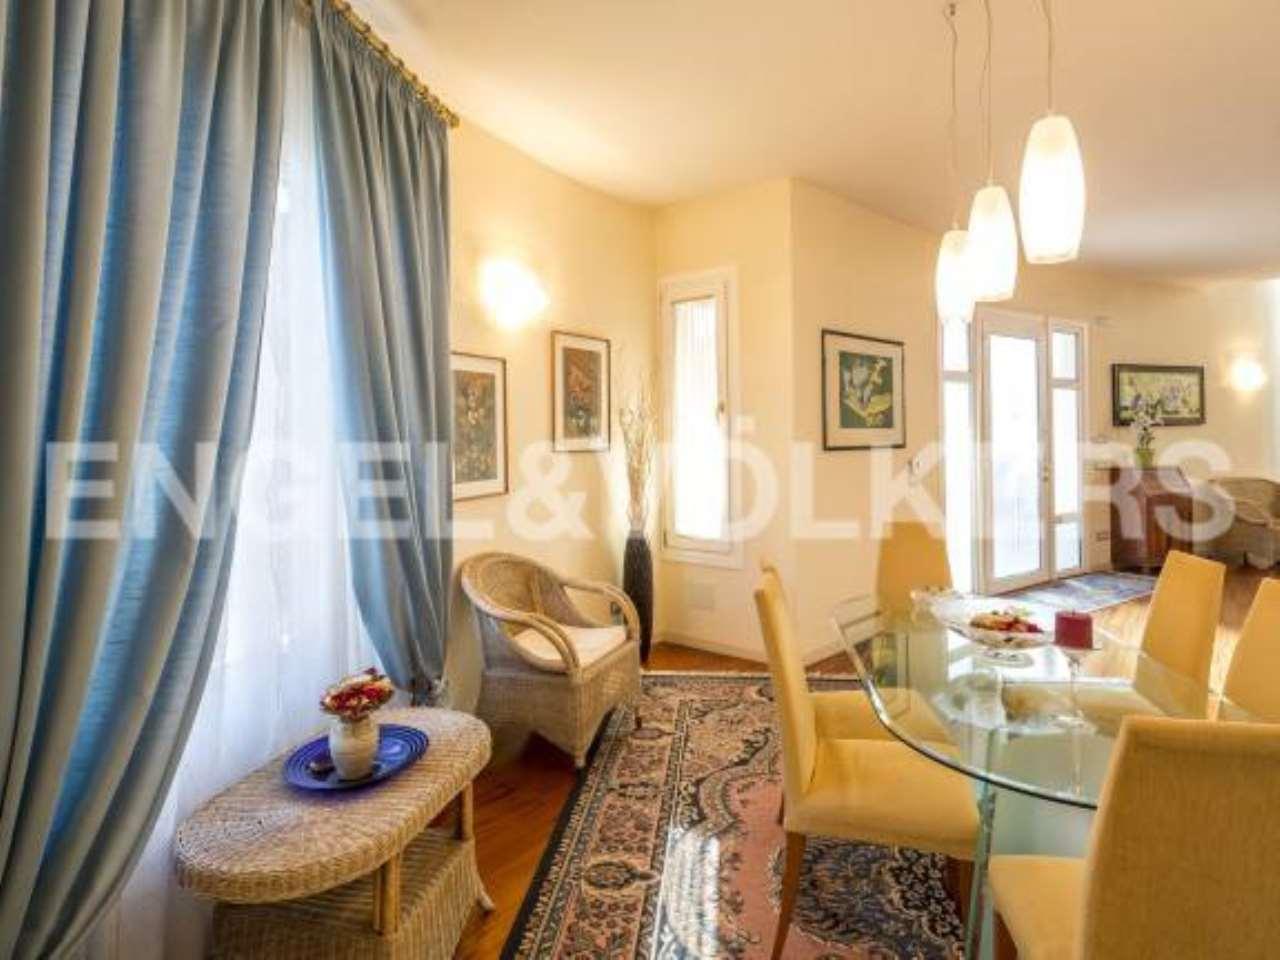 Villa in vendita a Comacchio, 6 locali, prezzo € 548.000 | CambioCasa.it